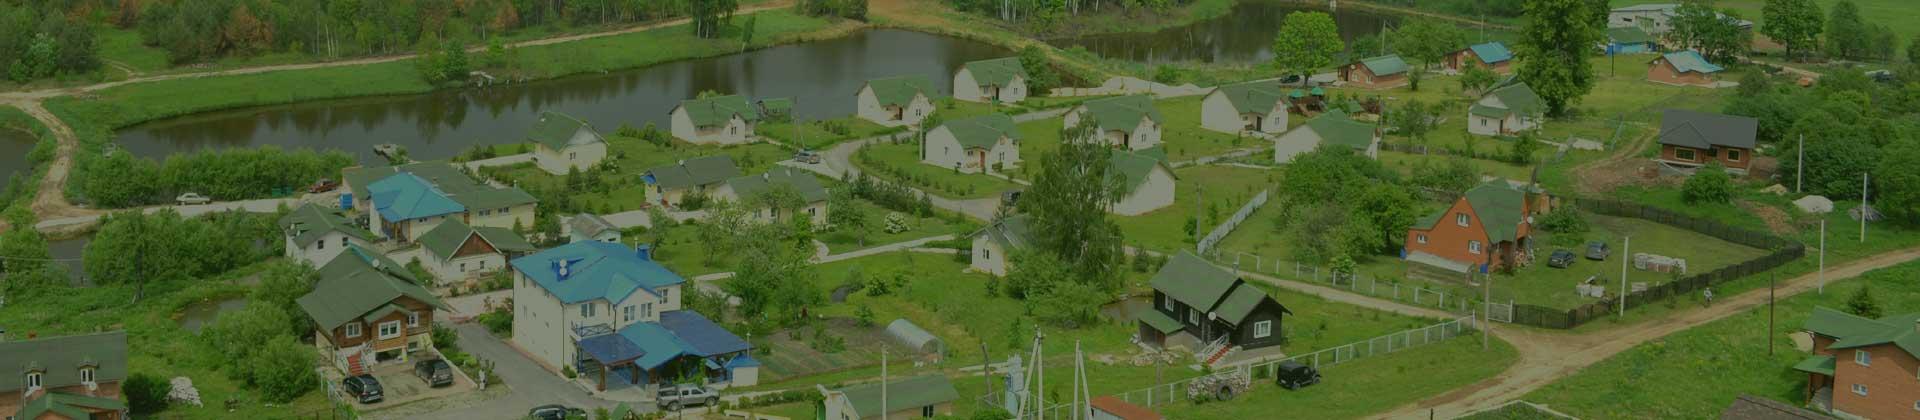 Санатории и Базы отдыха Калужской области, Отдых в